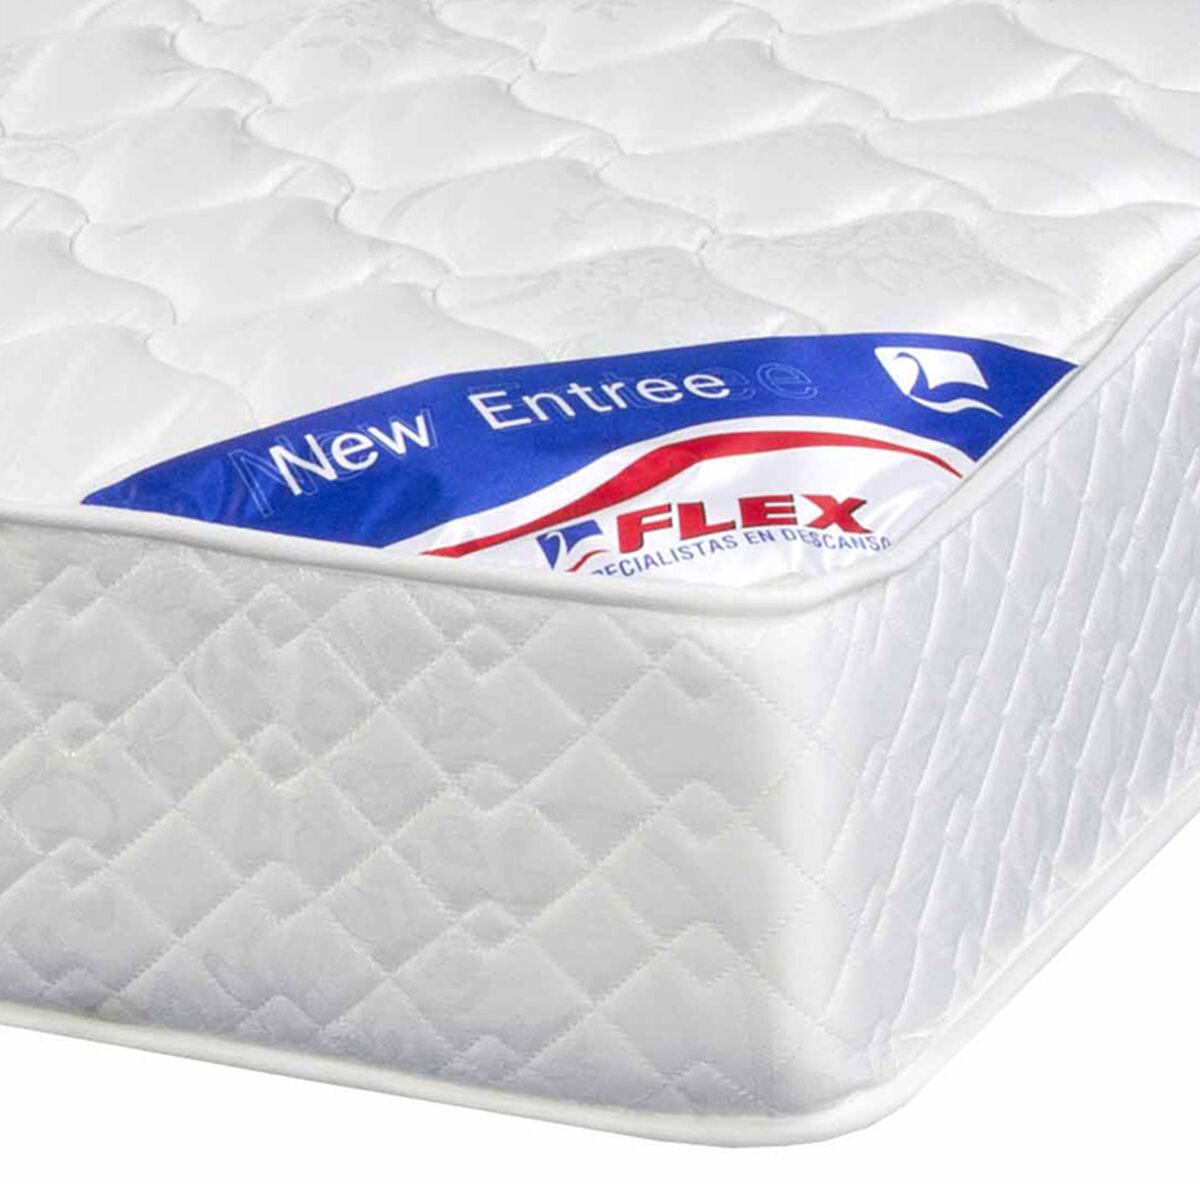 Combo Doble Box Americano New Entree 1 Pl Flex